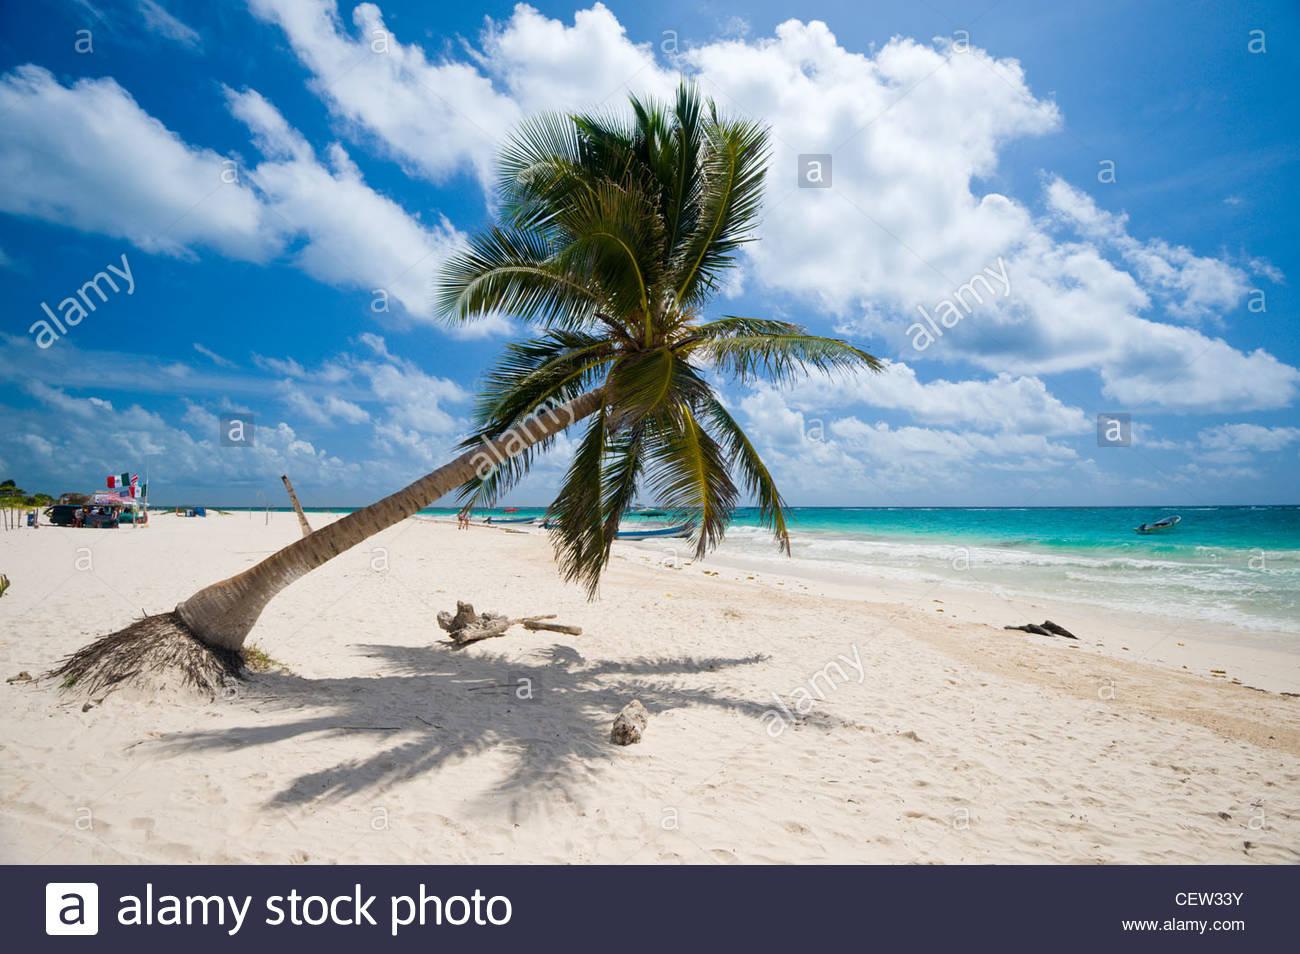 Palm Tree sulla spiaggia di Tulum, Quintana Roo, la penisola dello Yucatan, Messico. Foto Stock